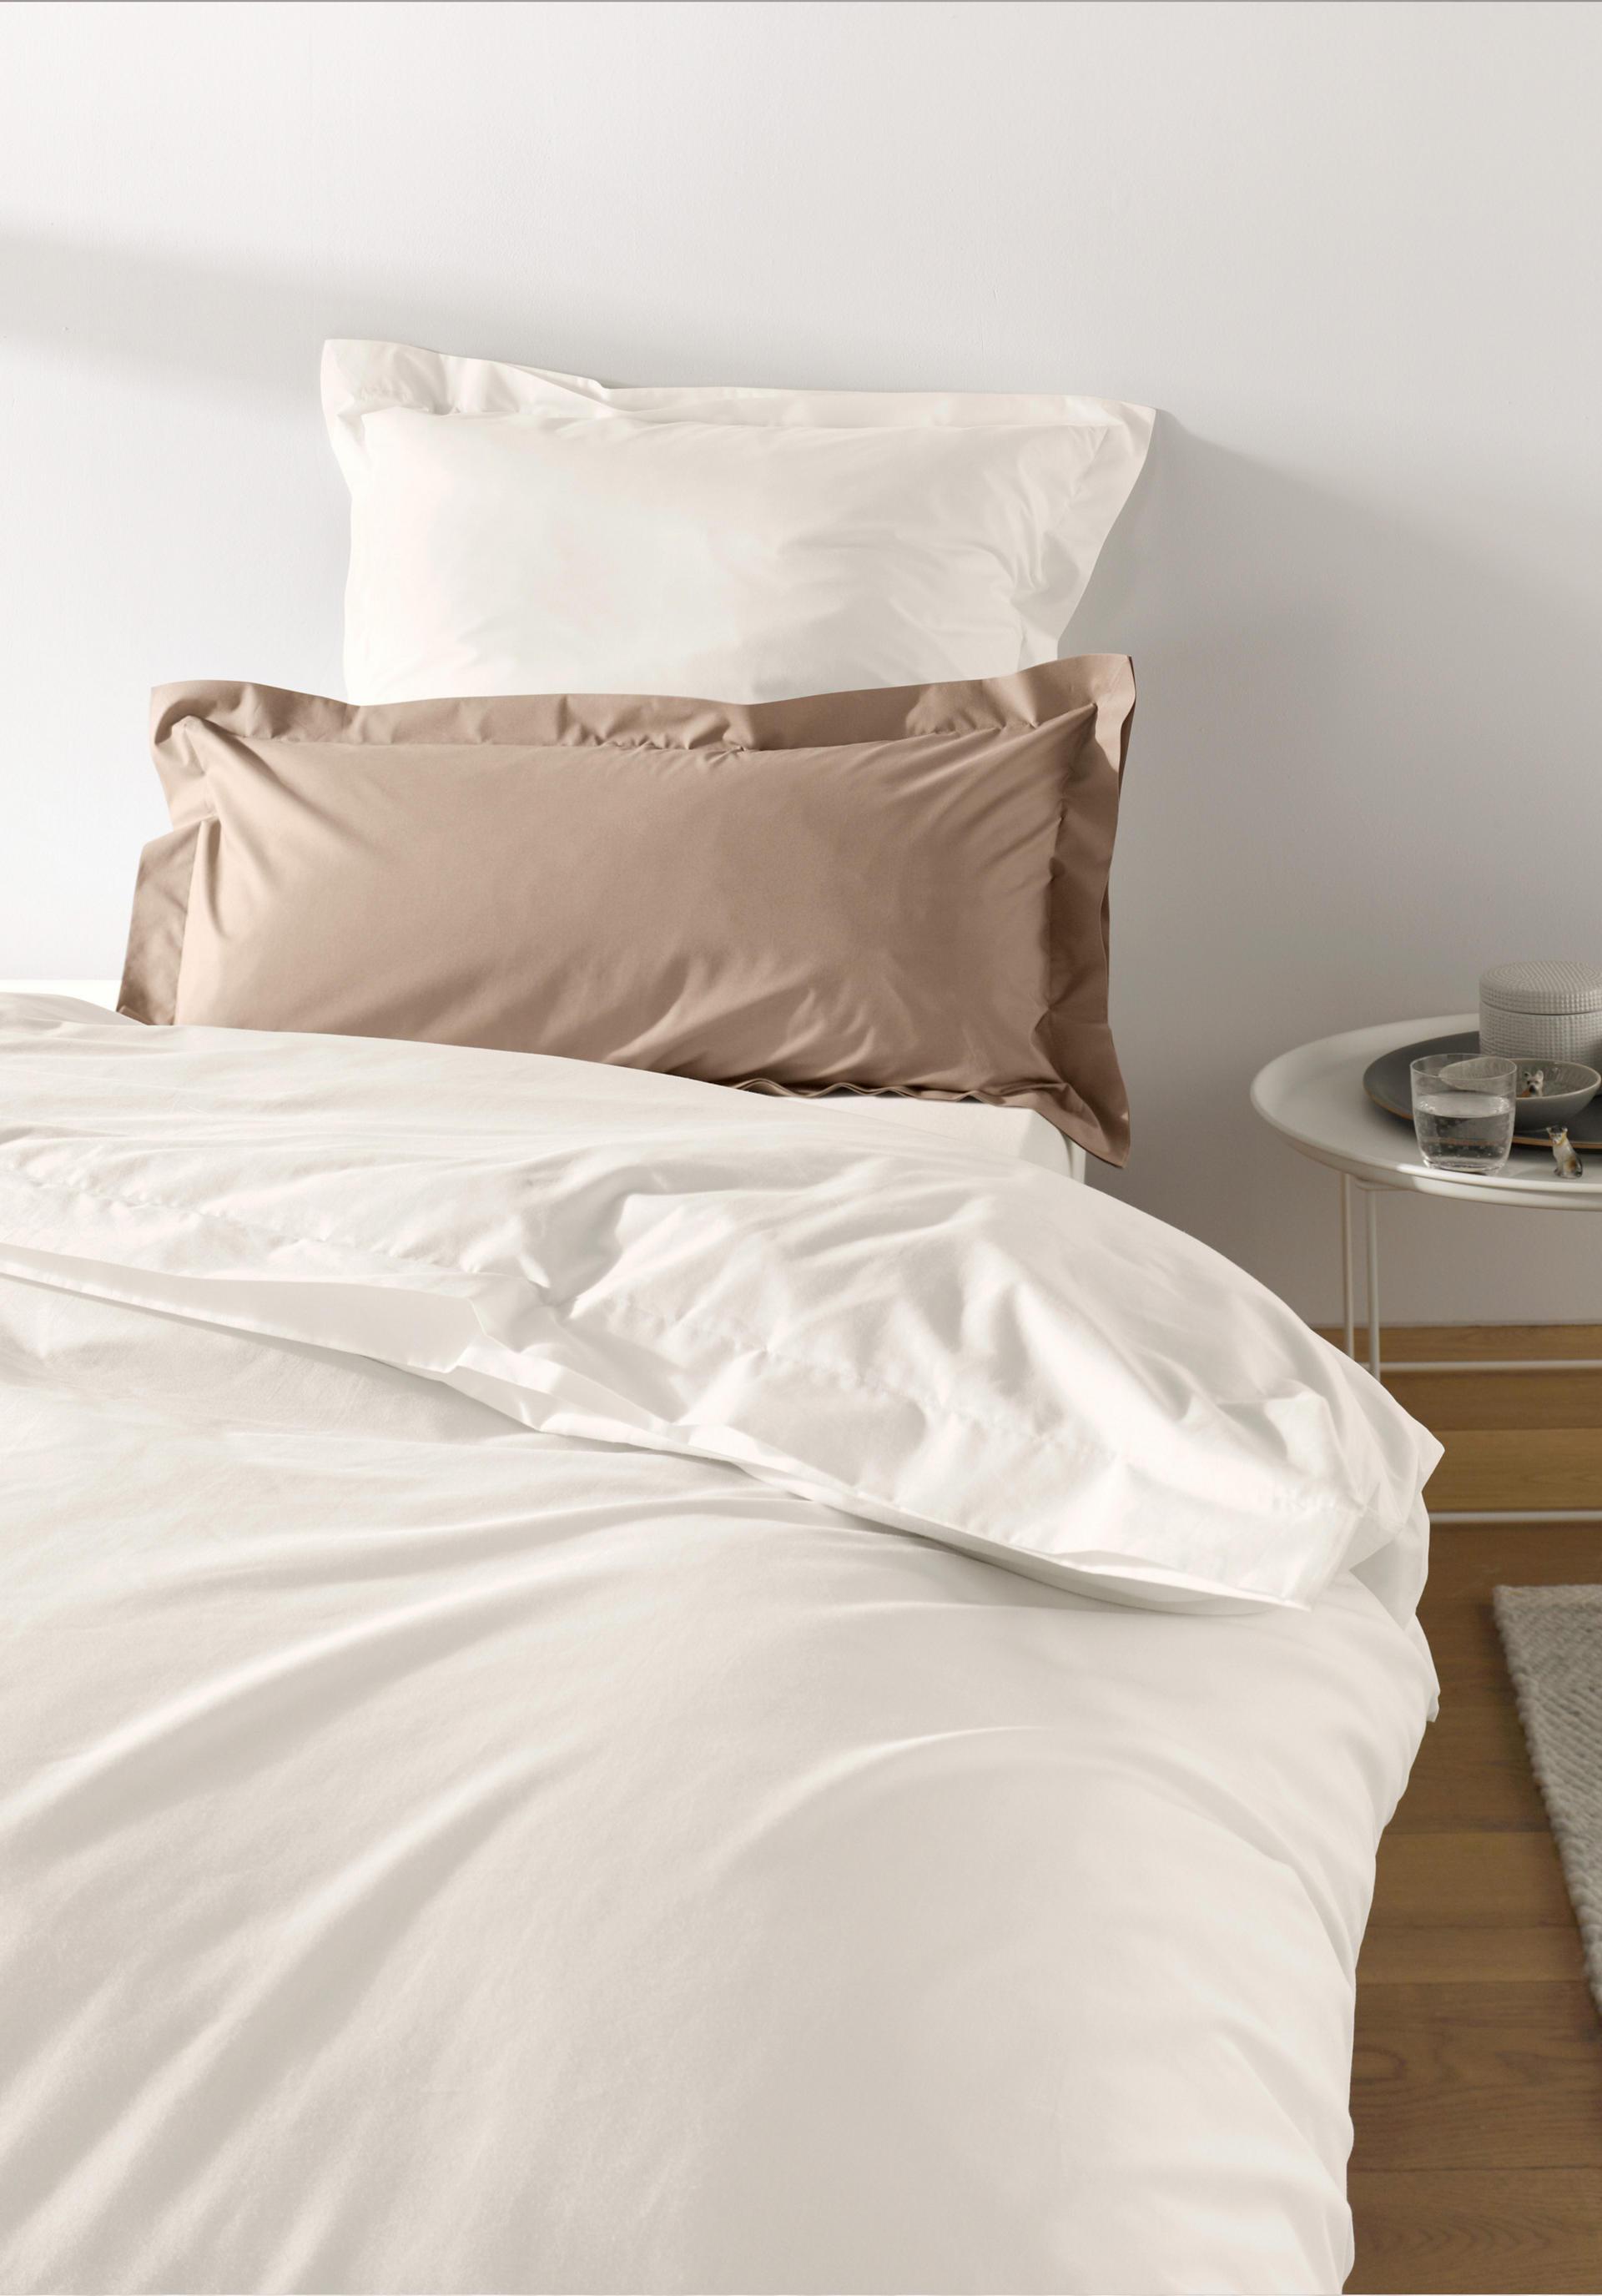 perkal bettw sche penelope aus reiner bio baumwolle hessnatur deutschland. Black Bedroom Furniture Sets. Home Design Ideas